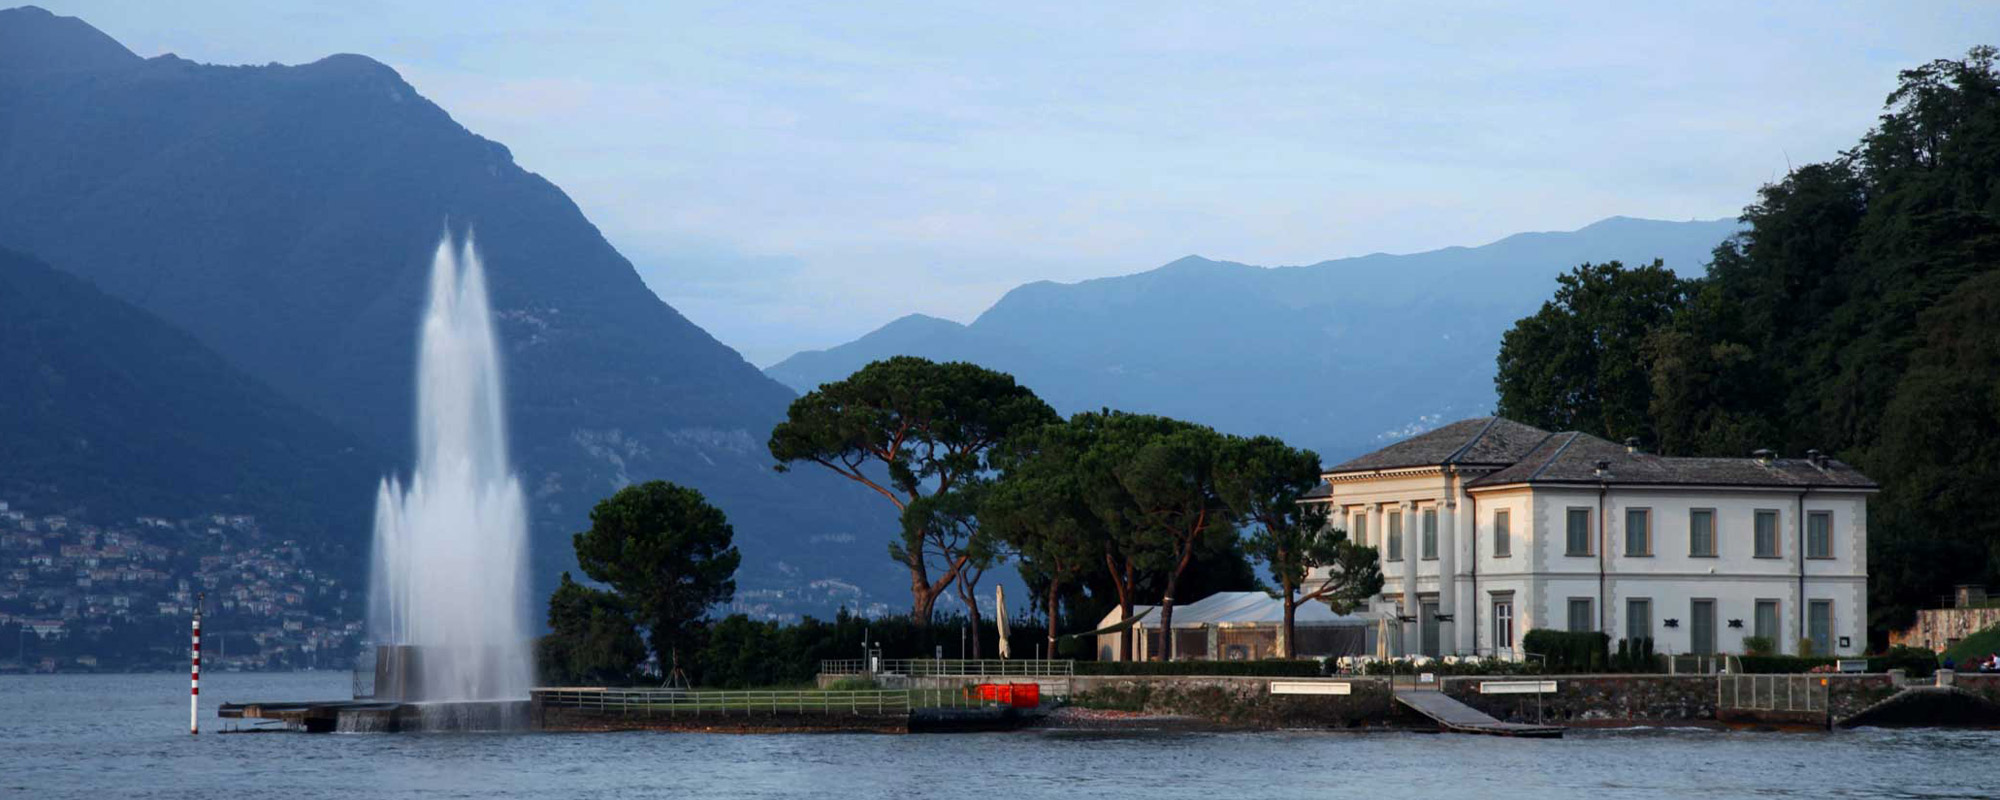 Zanzucchi photography lake villa Total Image Photography